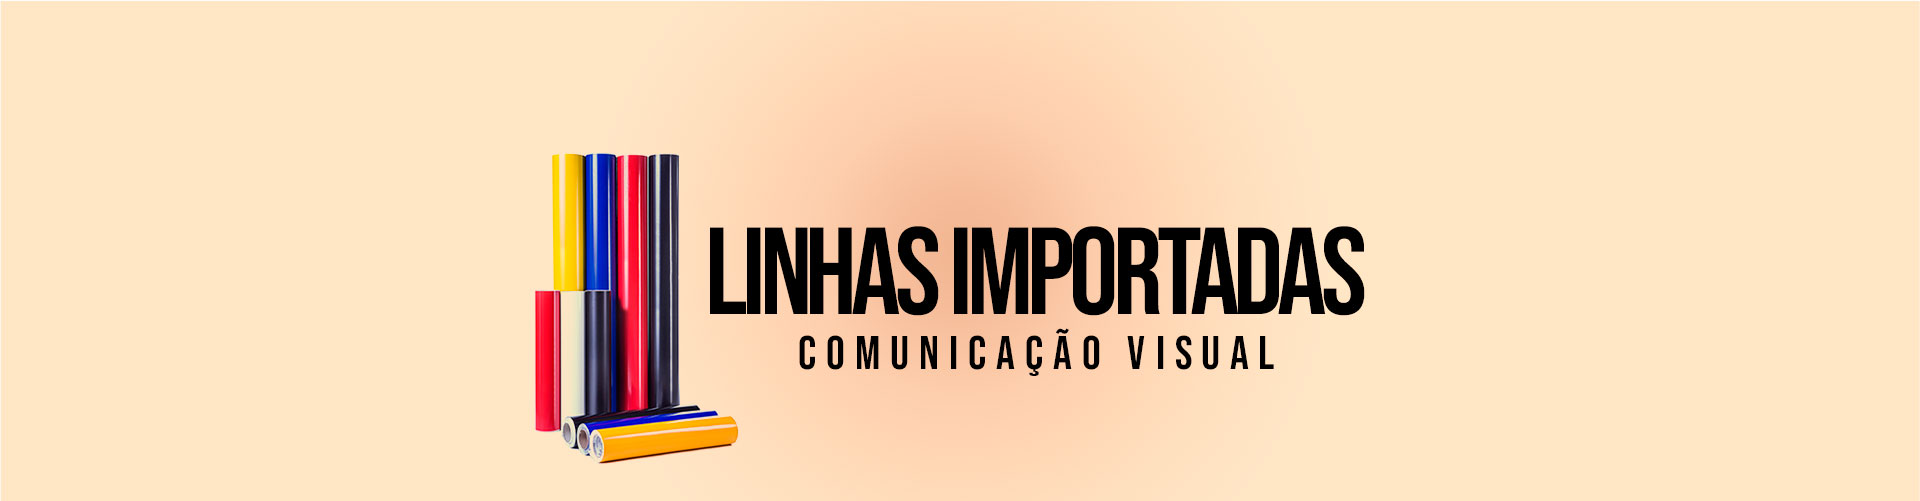 Banner Alltak Comunicação Visual   Placart